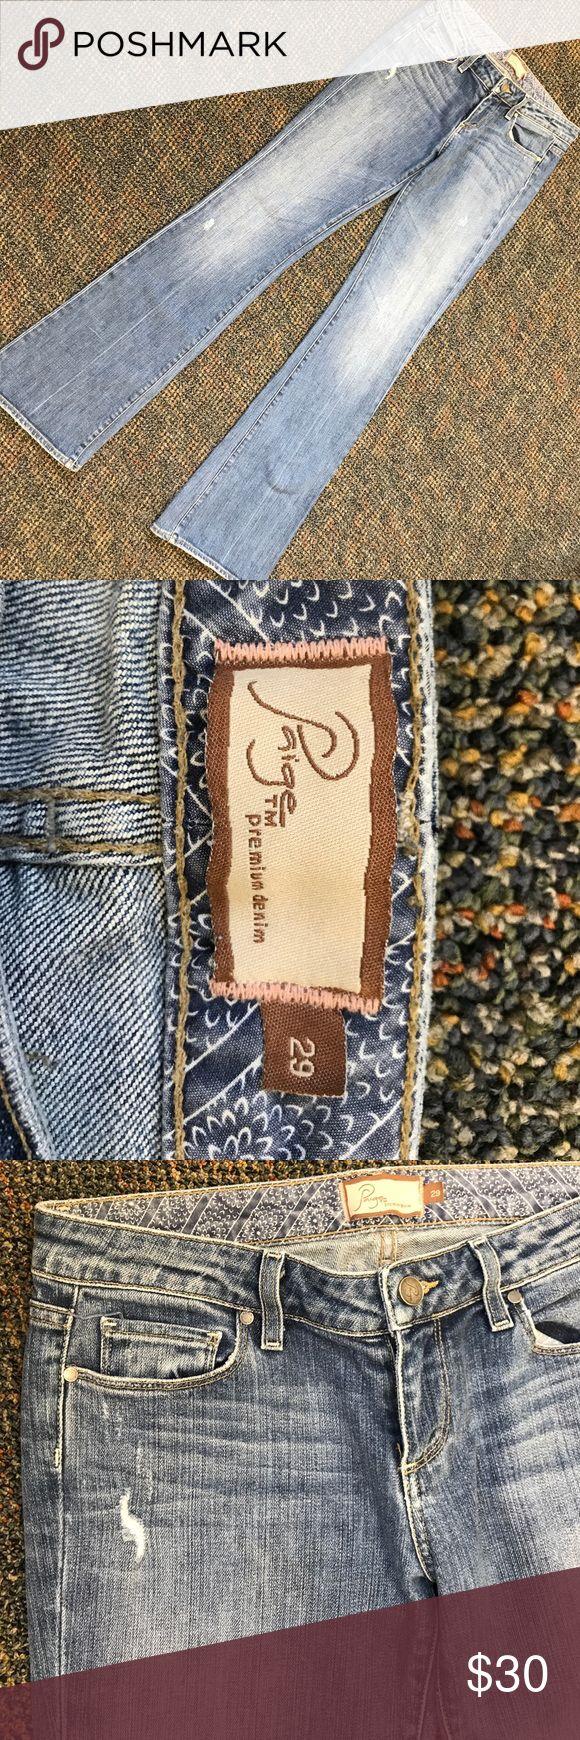 Paige Premium Denim Laurel Canyon jeans Gently used Paige Laurel Canyon low rise boot cut jeans...excellent condition! Paige Jeans Jeans Boot Cut